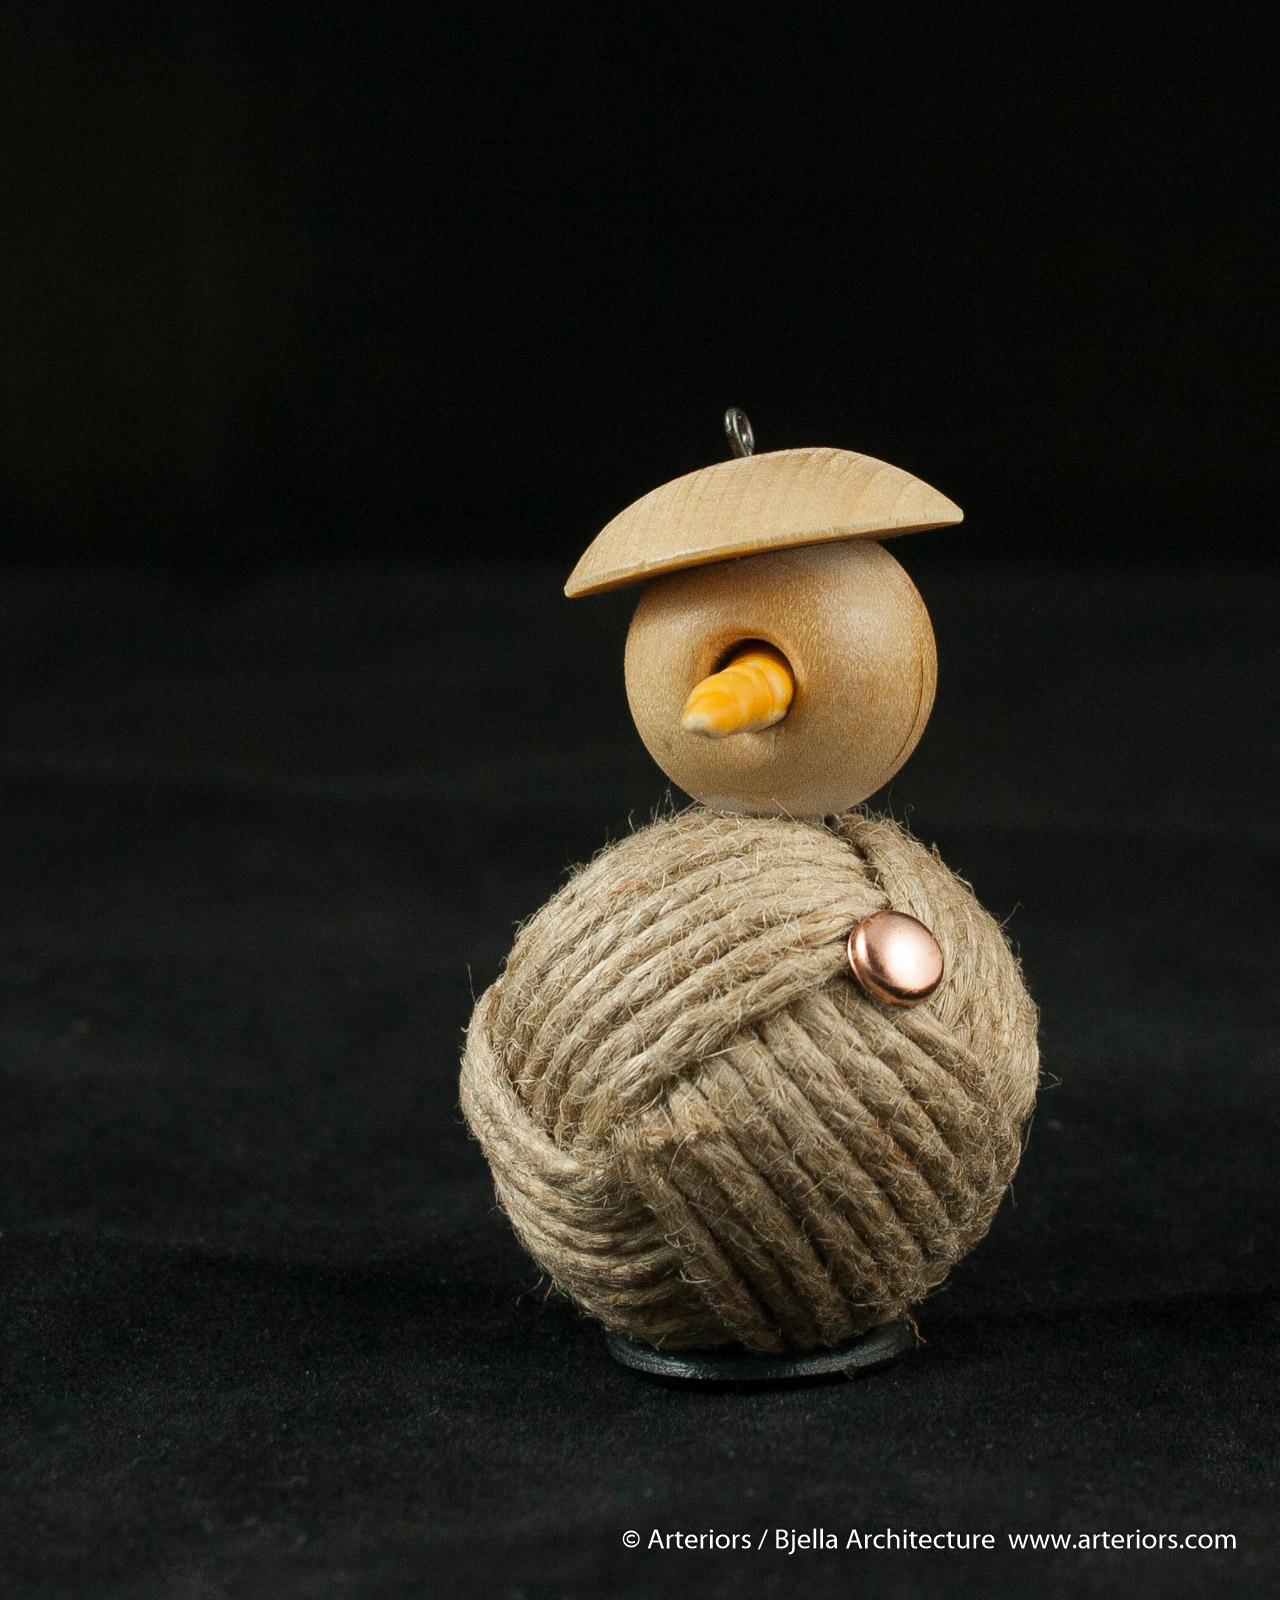 Bjella Snowman Ornament - Day 11 - Rope-13